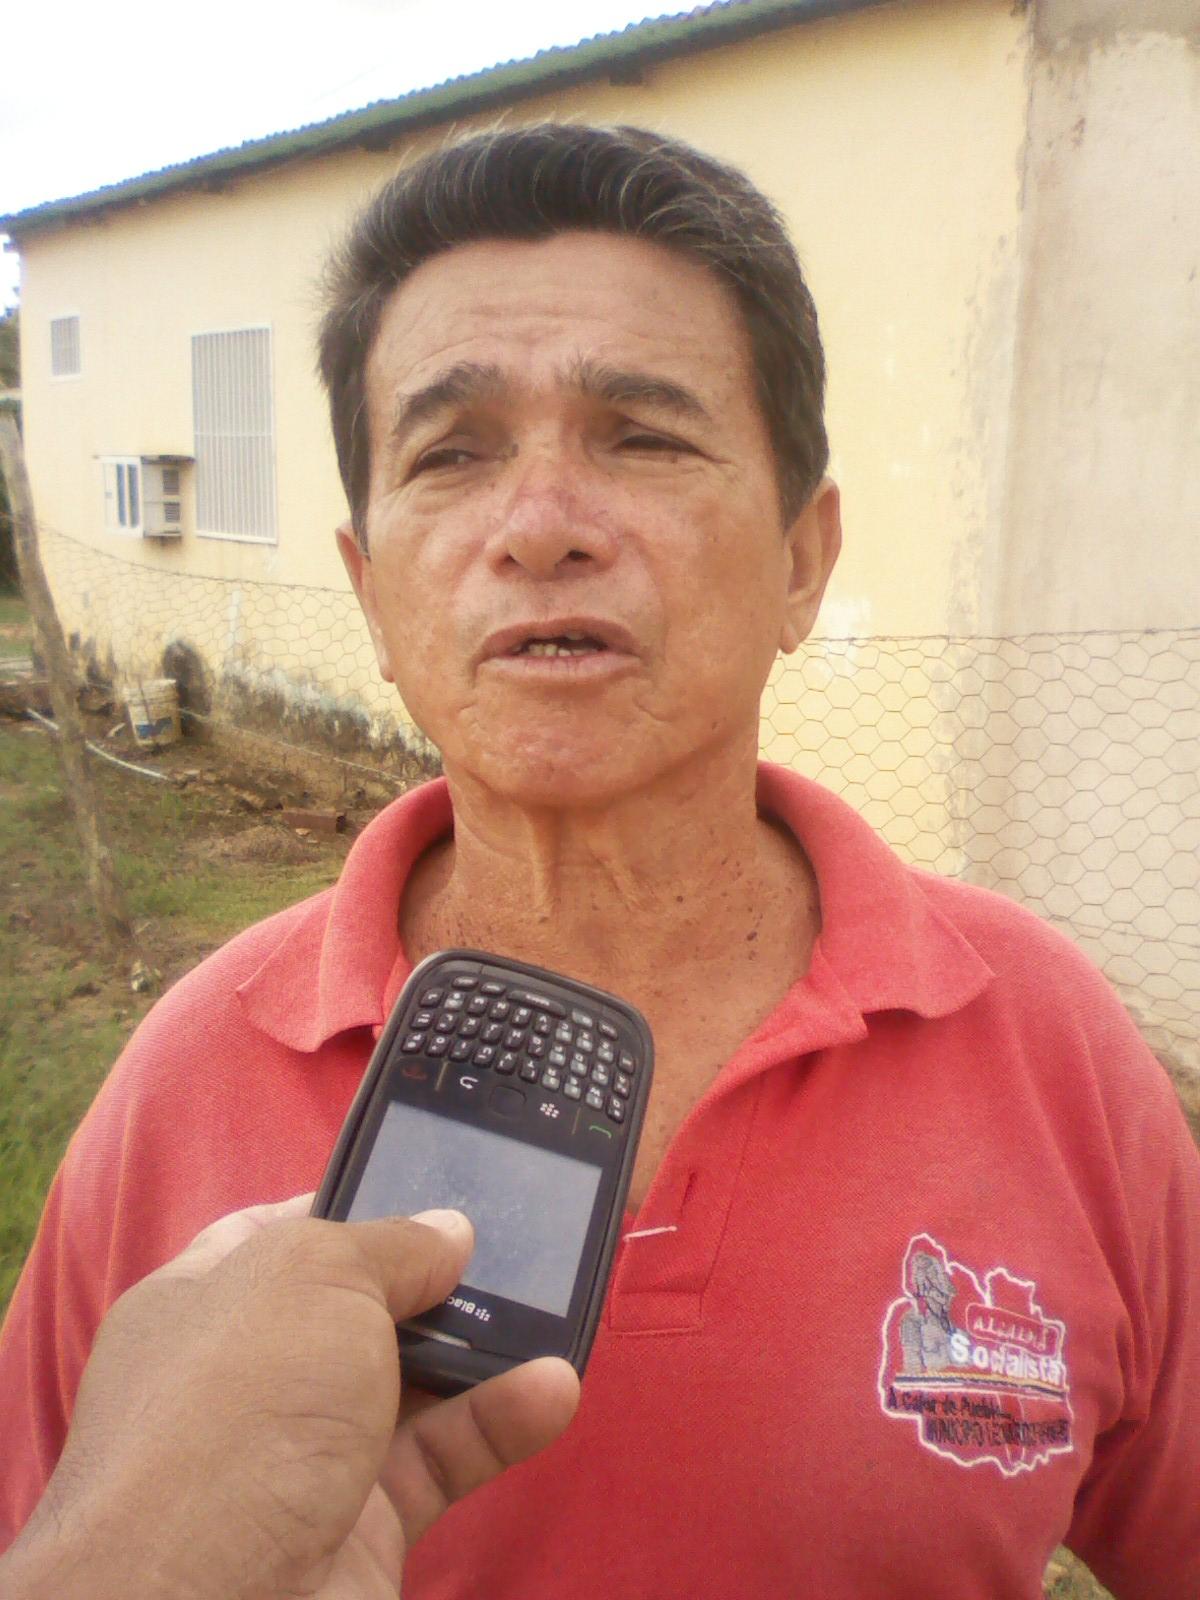 Luis Seijas le hizo el llamado a los entes municipales y regionales para que tomen en cuenta el sector y arreglen la vialidad y el alumbrado